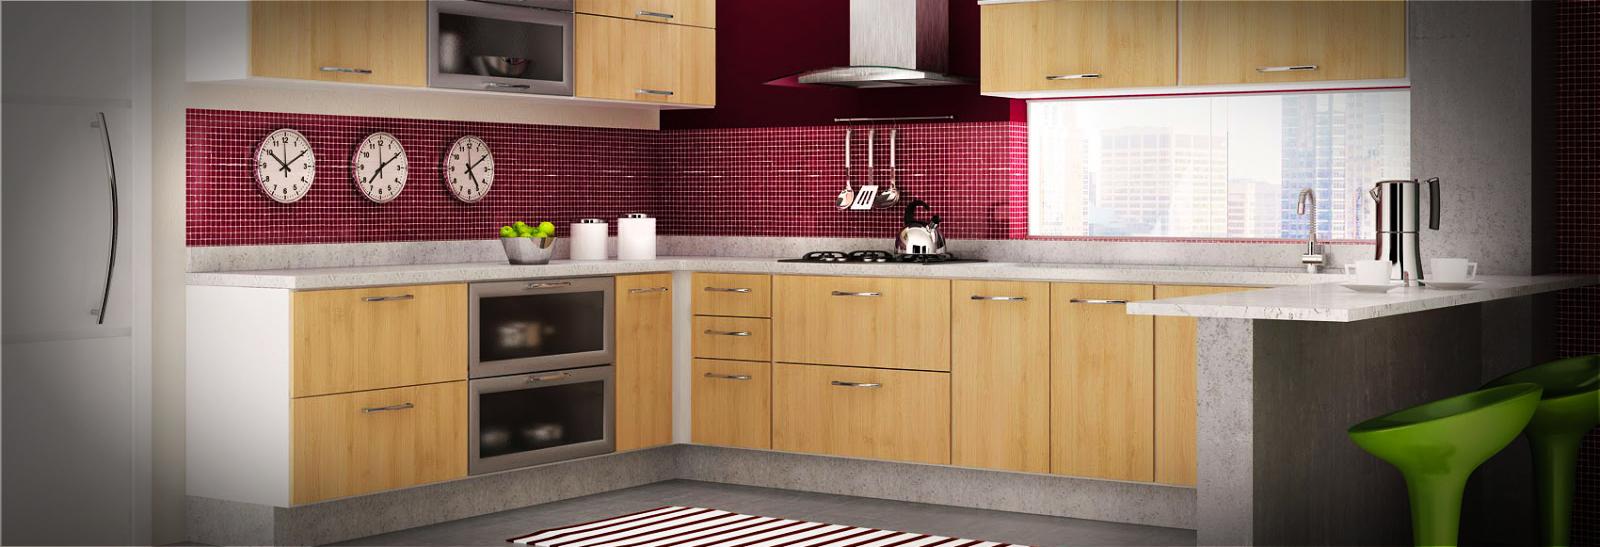 Dicas De Como Reformar A Cozinha Sem Fazer Obra Futura Ambientes